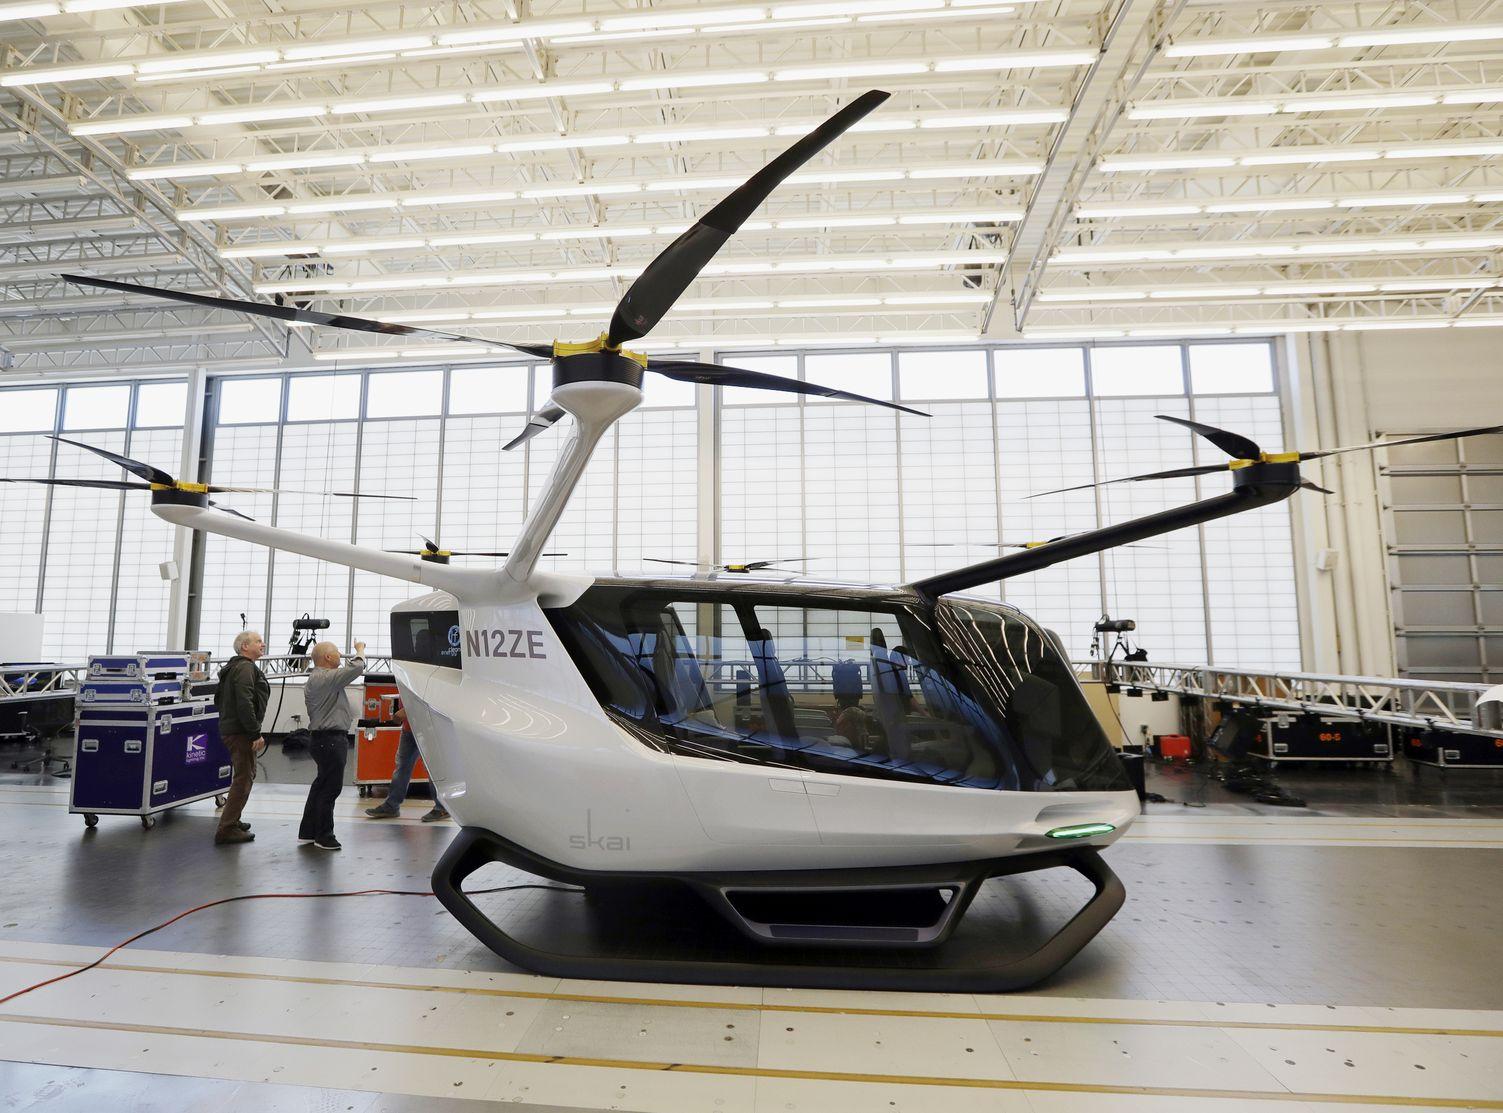 运输公司 Alaka'i Technologies 正研发一种飞行车。